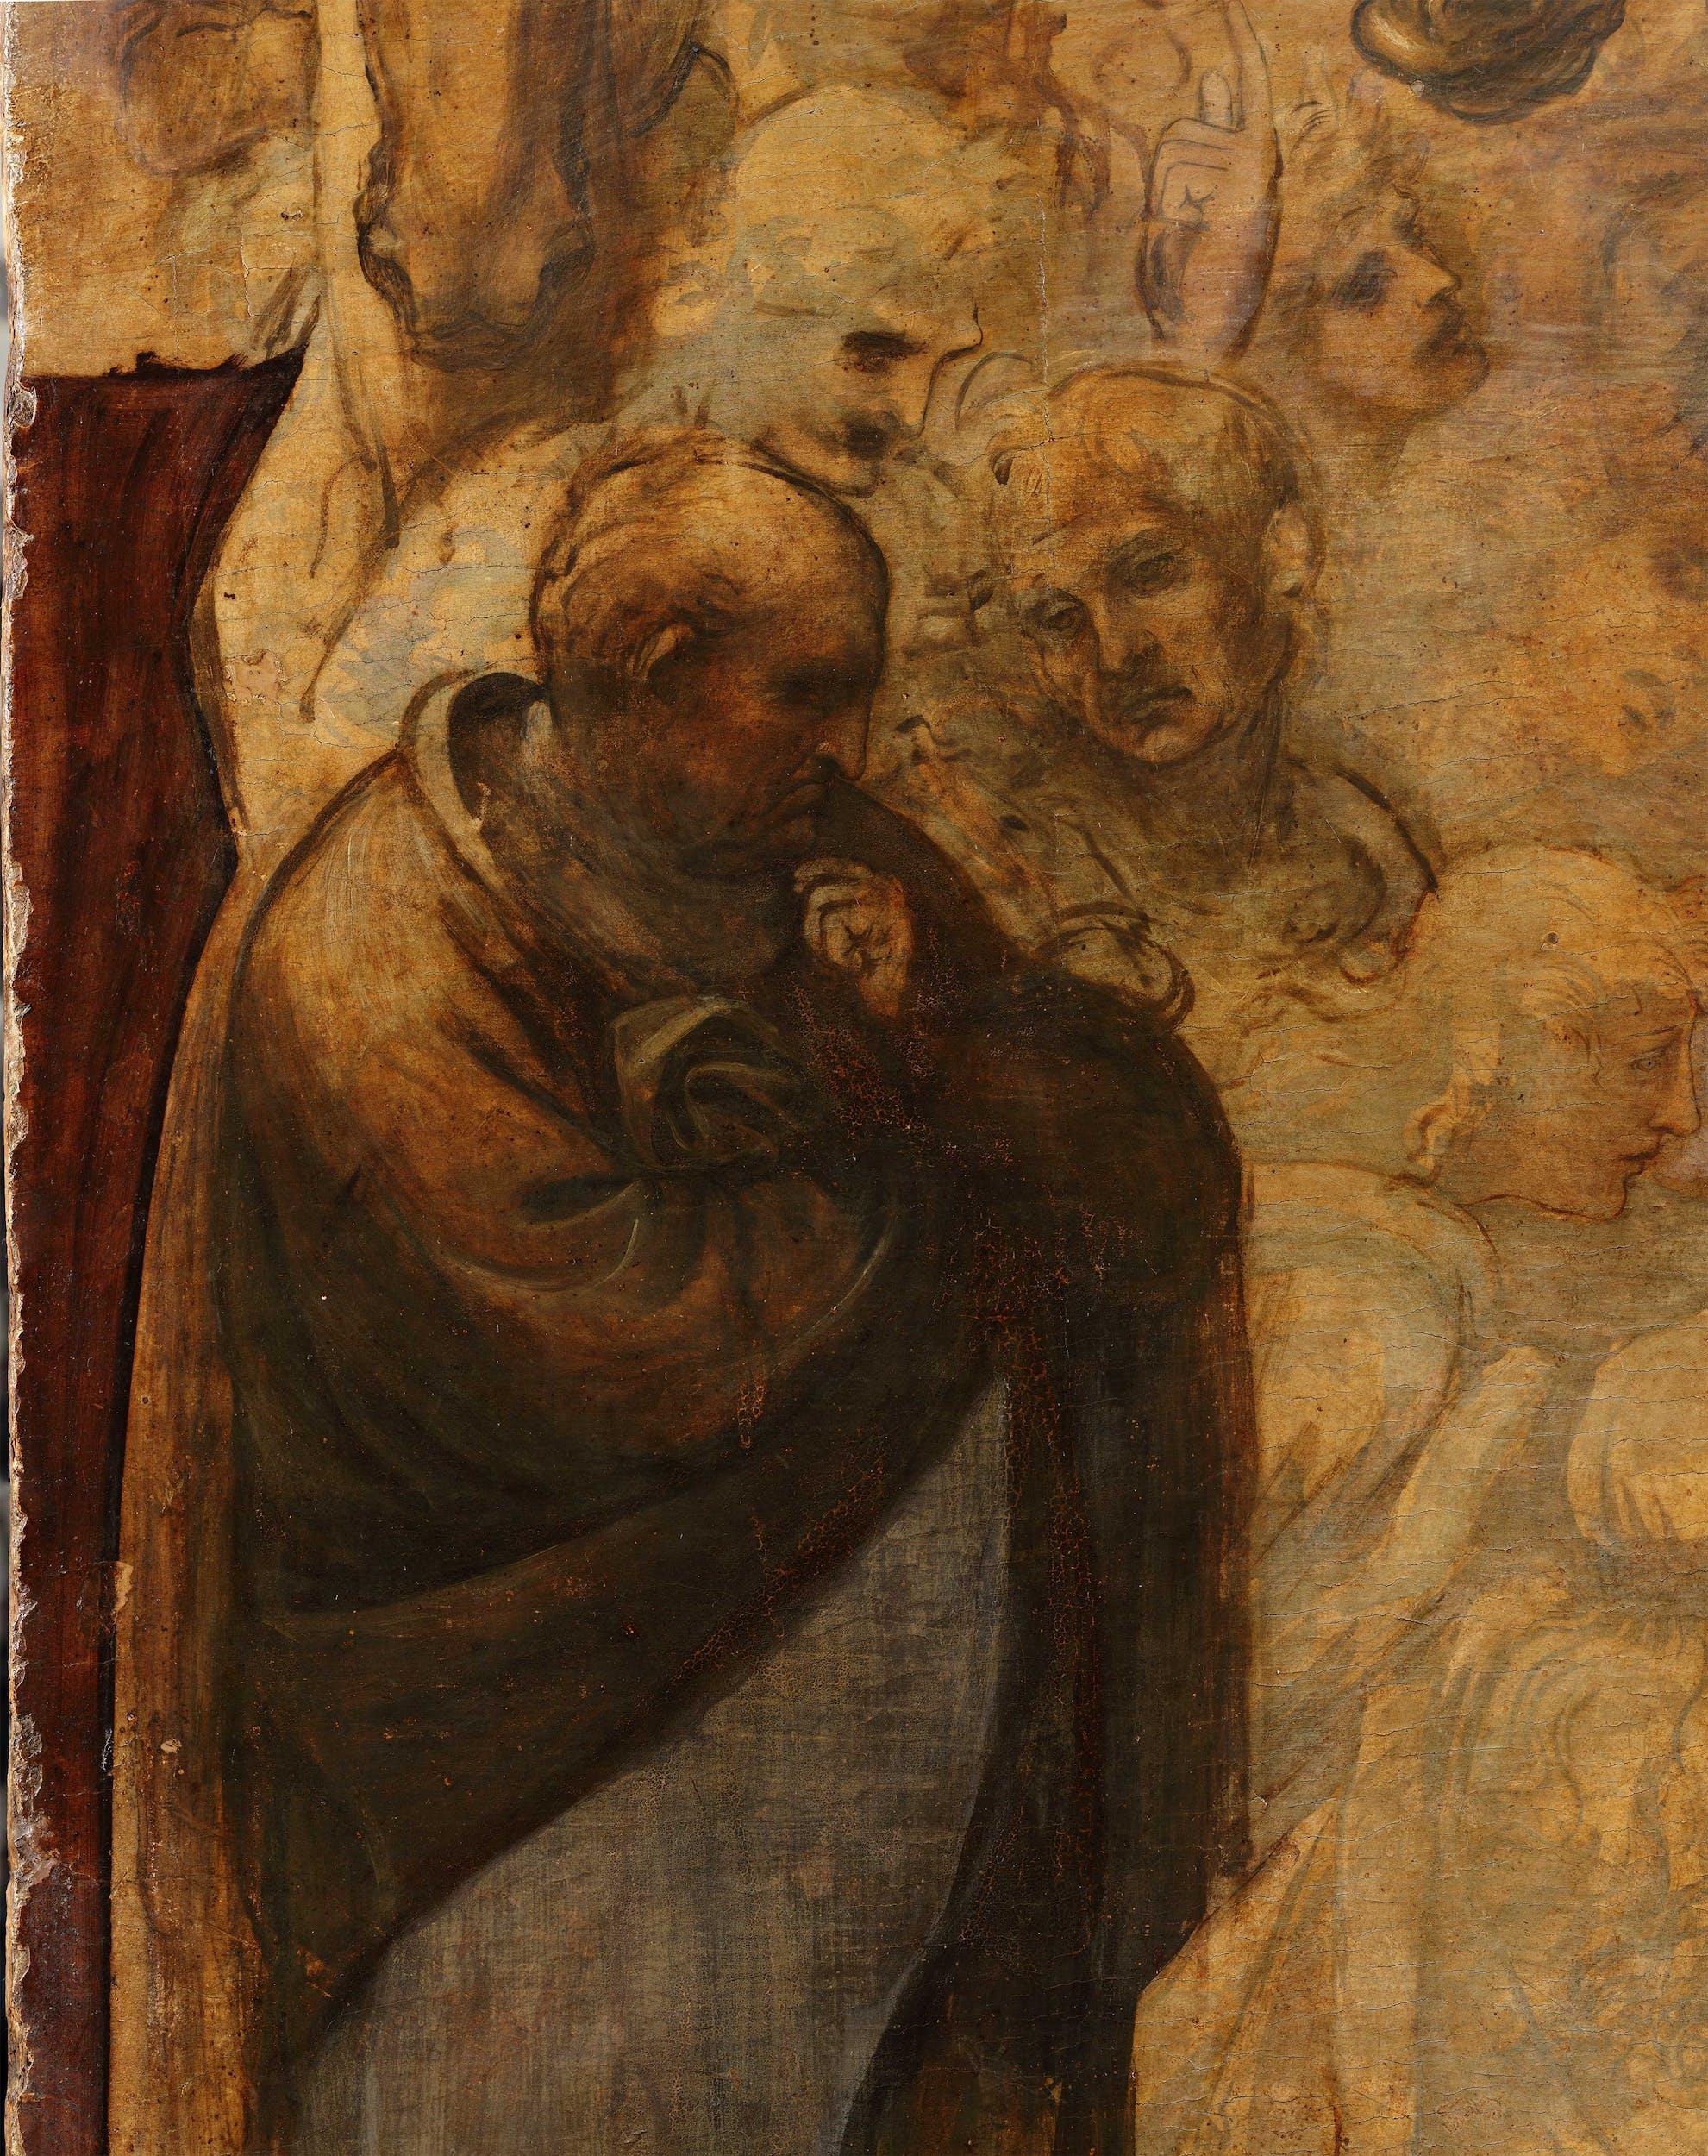 15. Leonardo da Vinci, Adorazione dei Magi, dettaglio in corso di pulitura